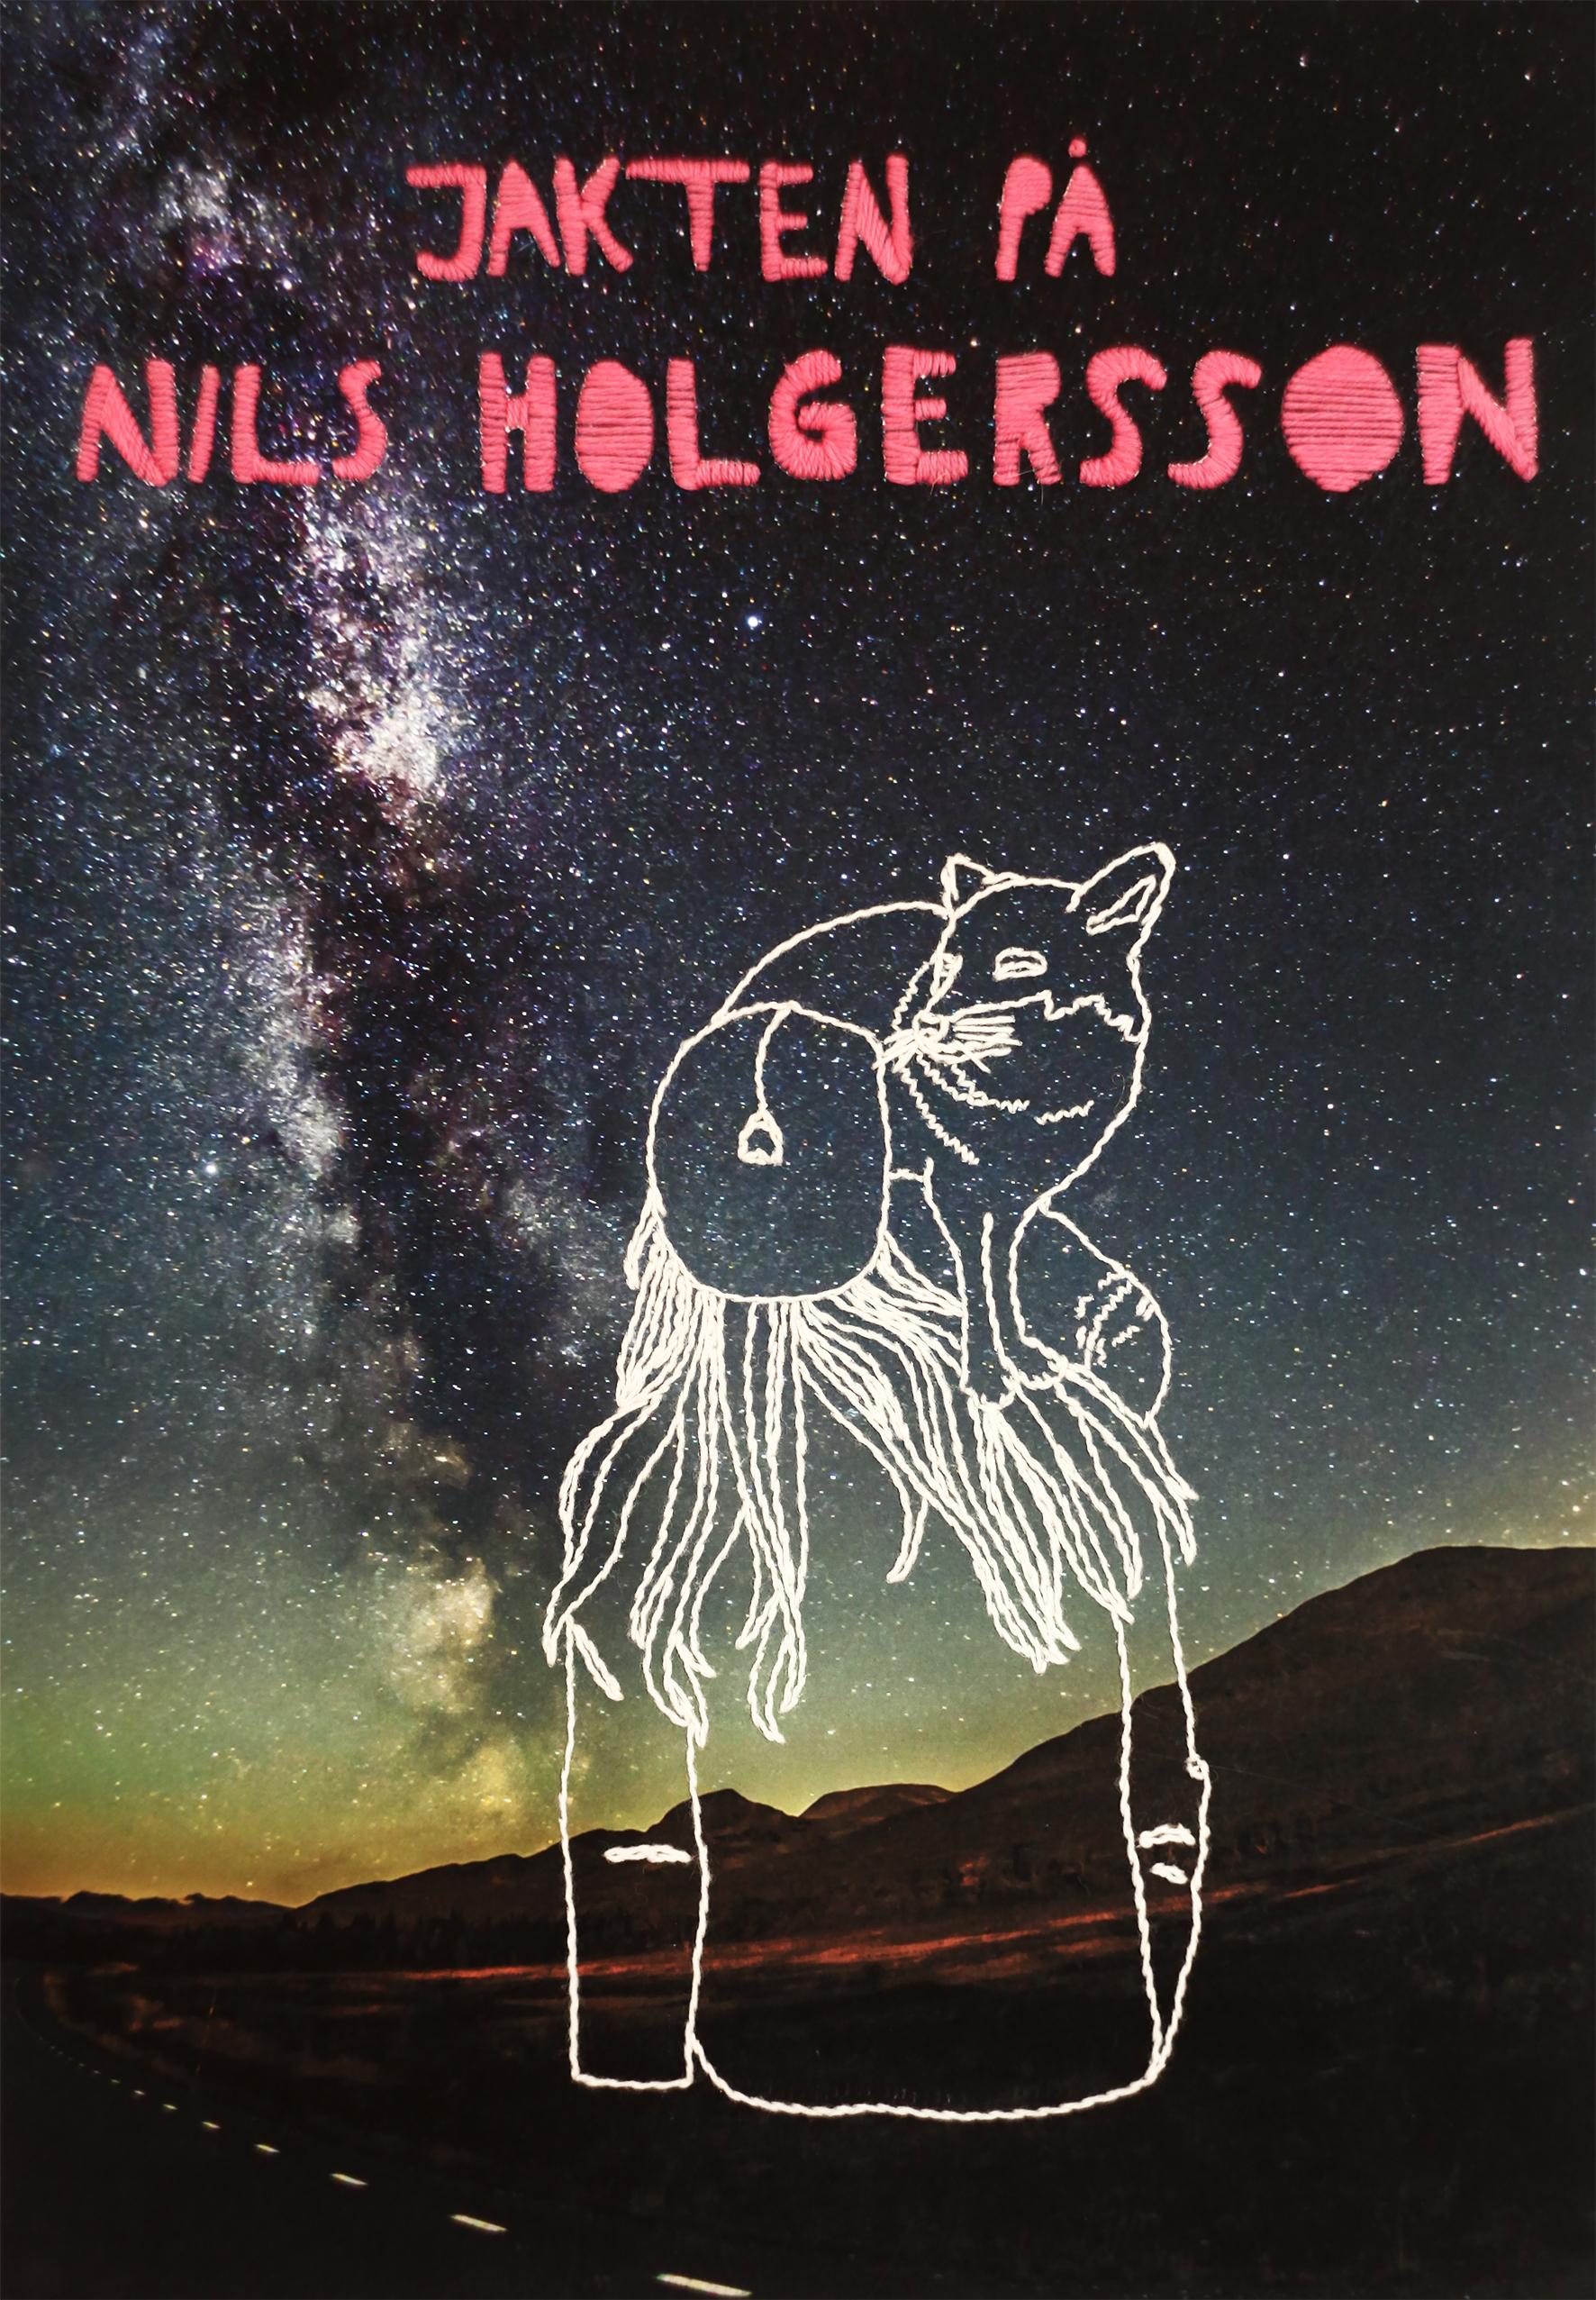 Jakten på Nils Holgersson